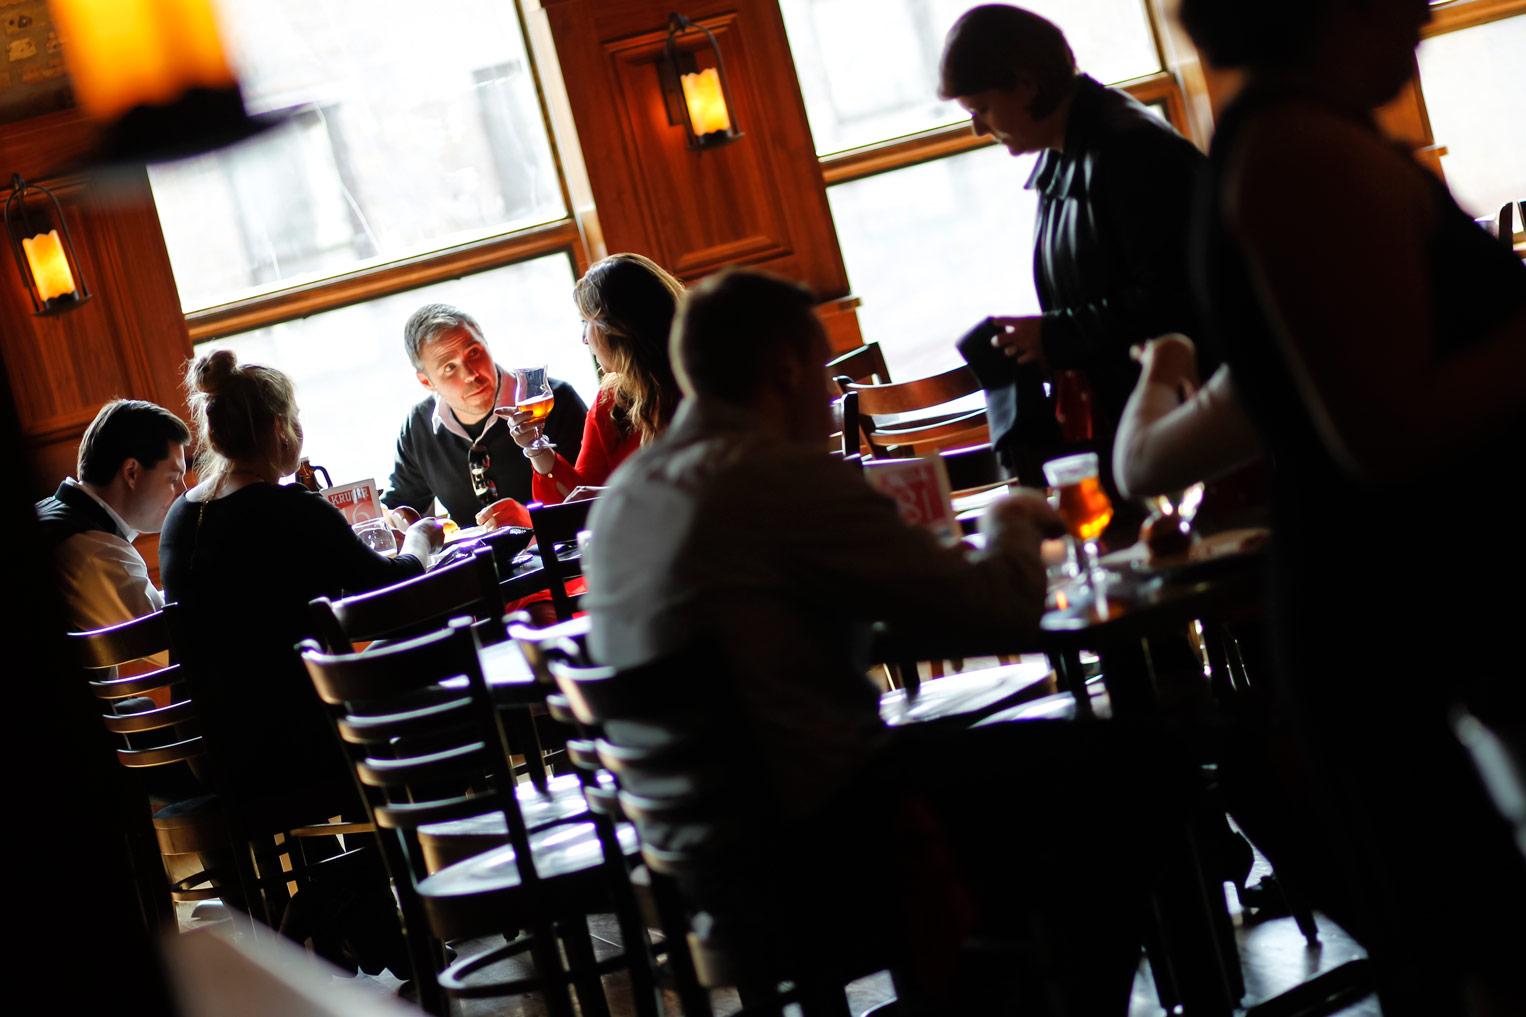 revolution-brewing-chicago-blackhawks-wedding-ruthie-hauge-photography-56.jpg